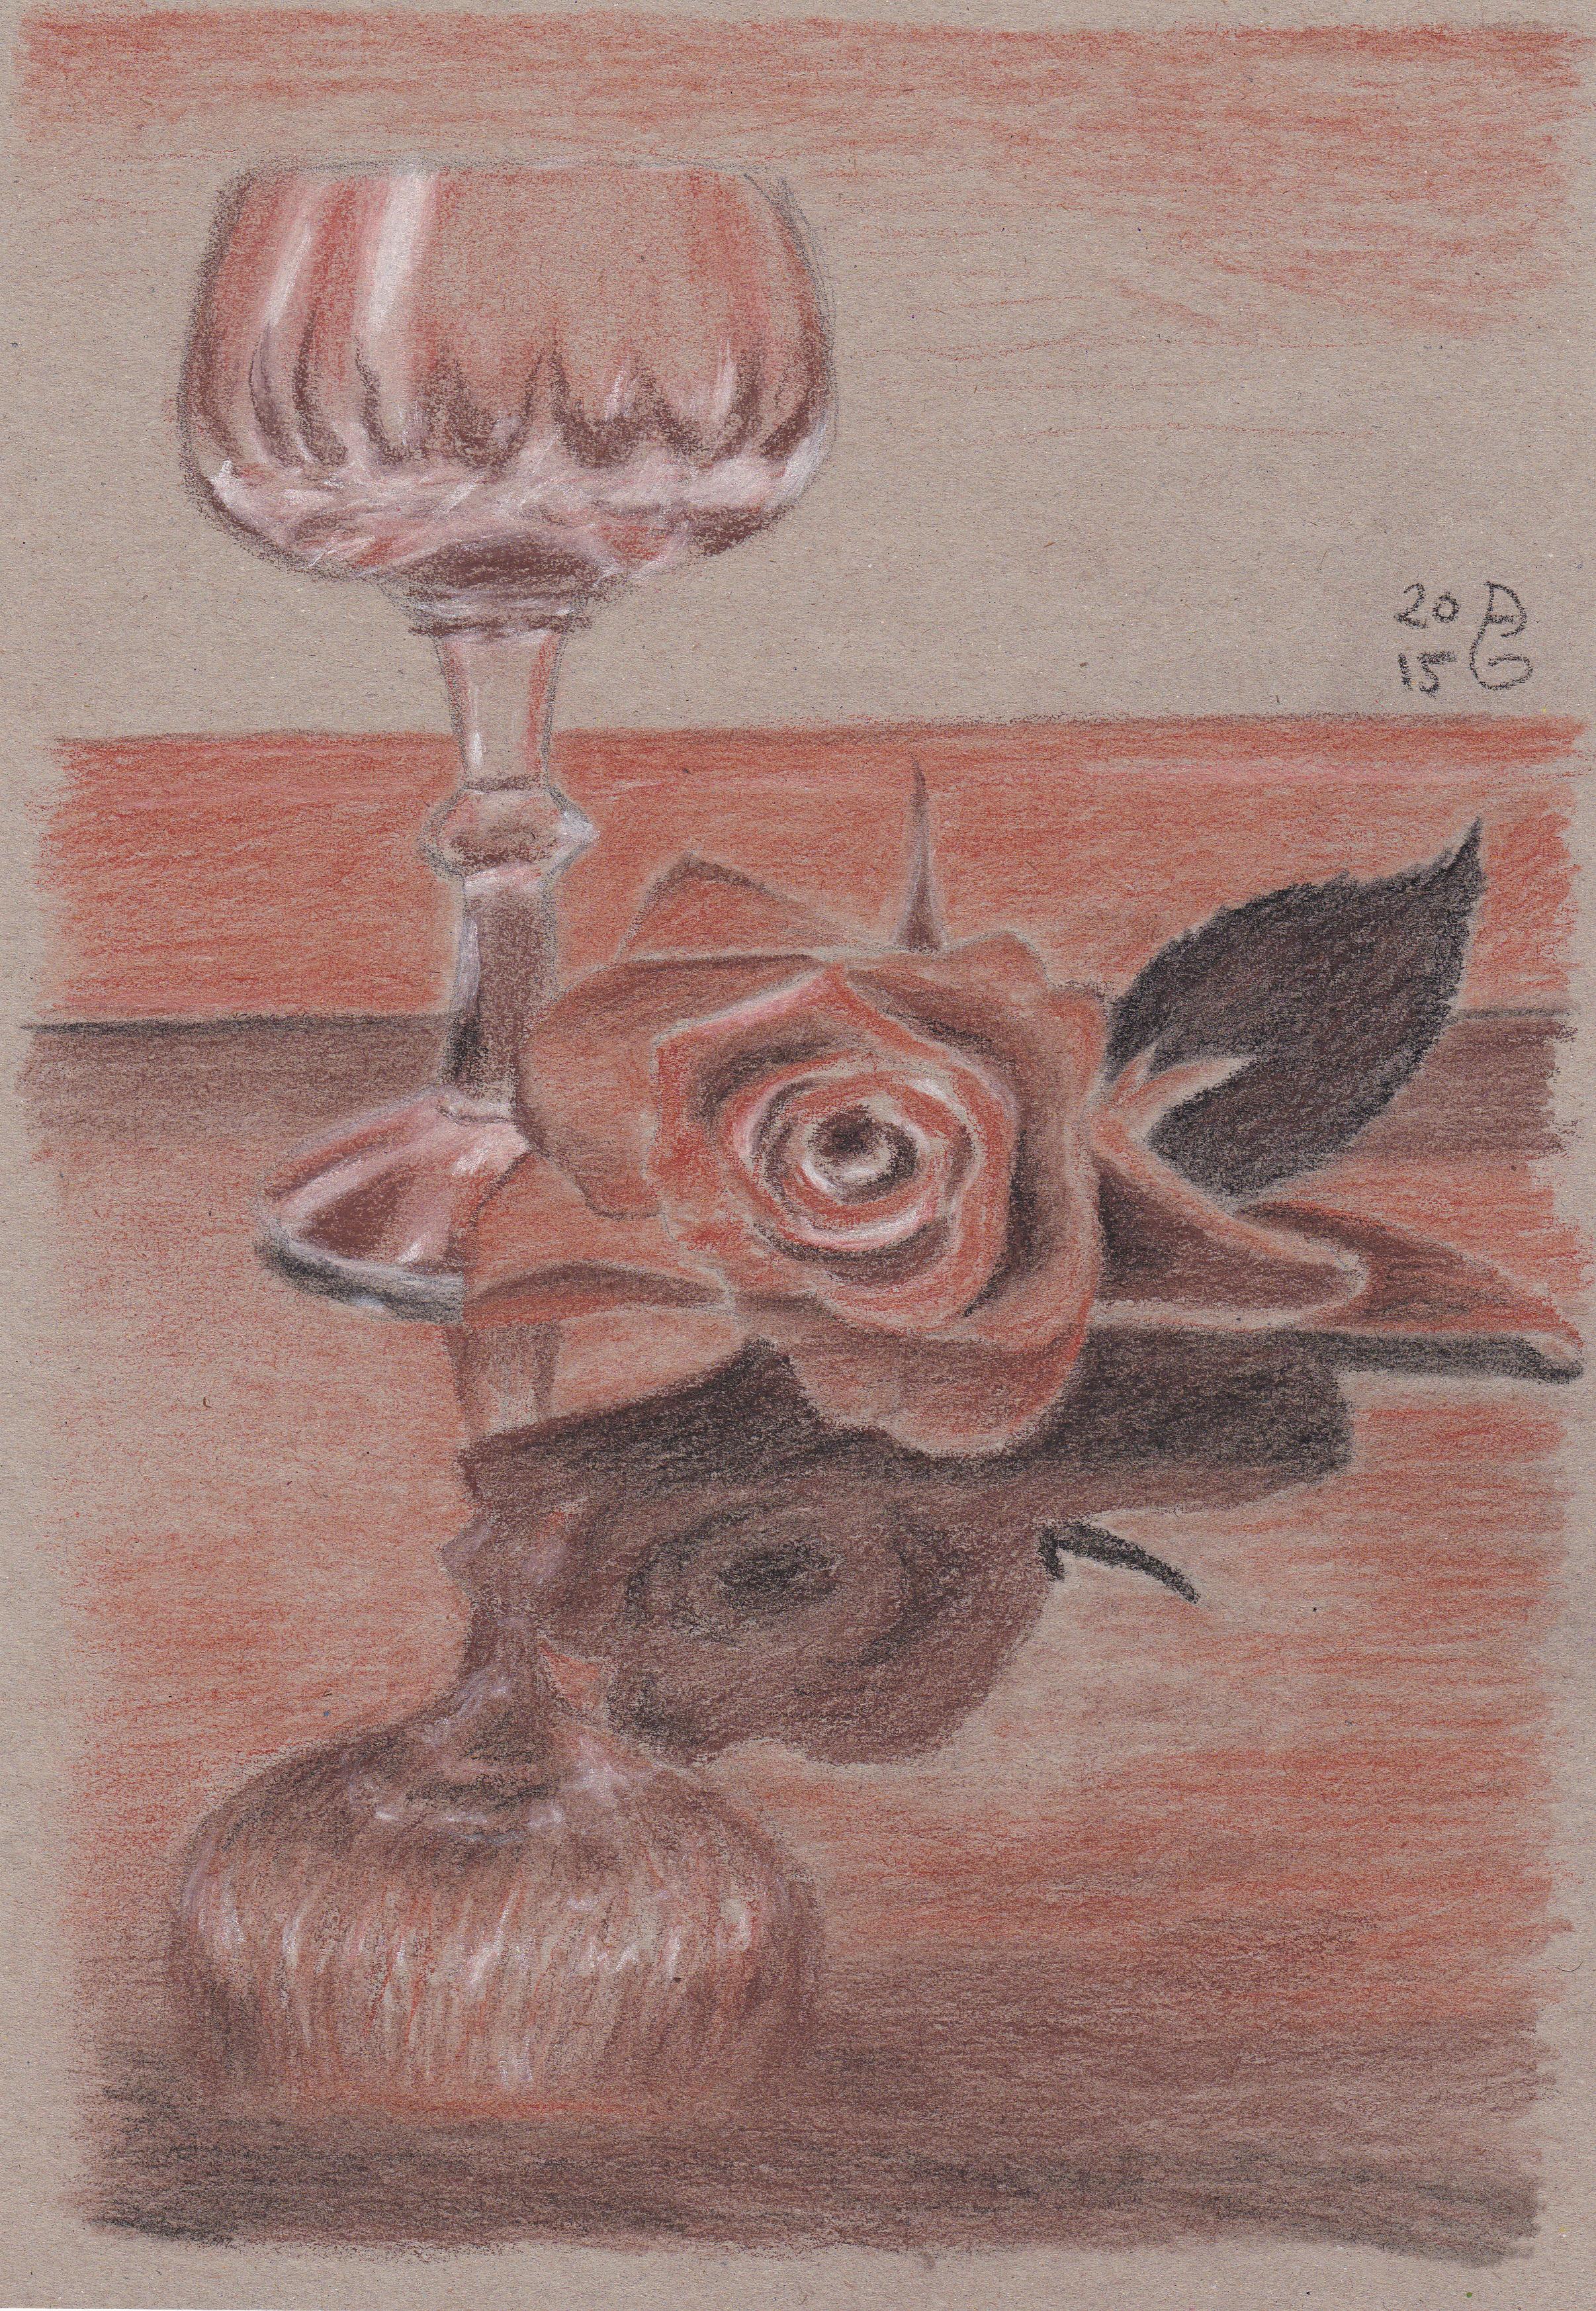 Reflektion mit Rose. Conté Zeichenkreide auf Kraftpapier. 22 x 28.